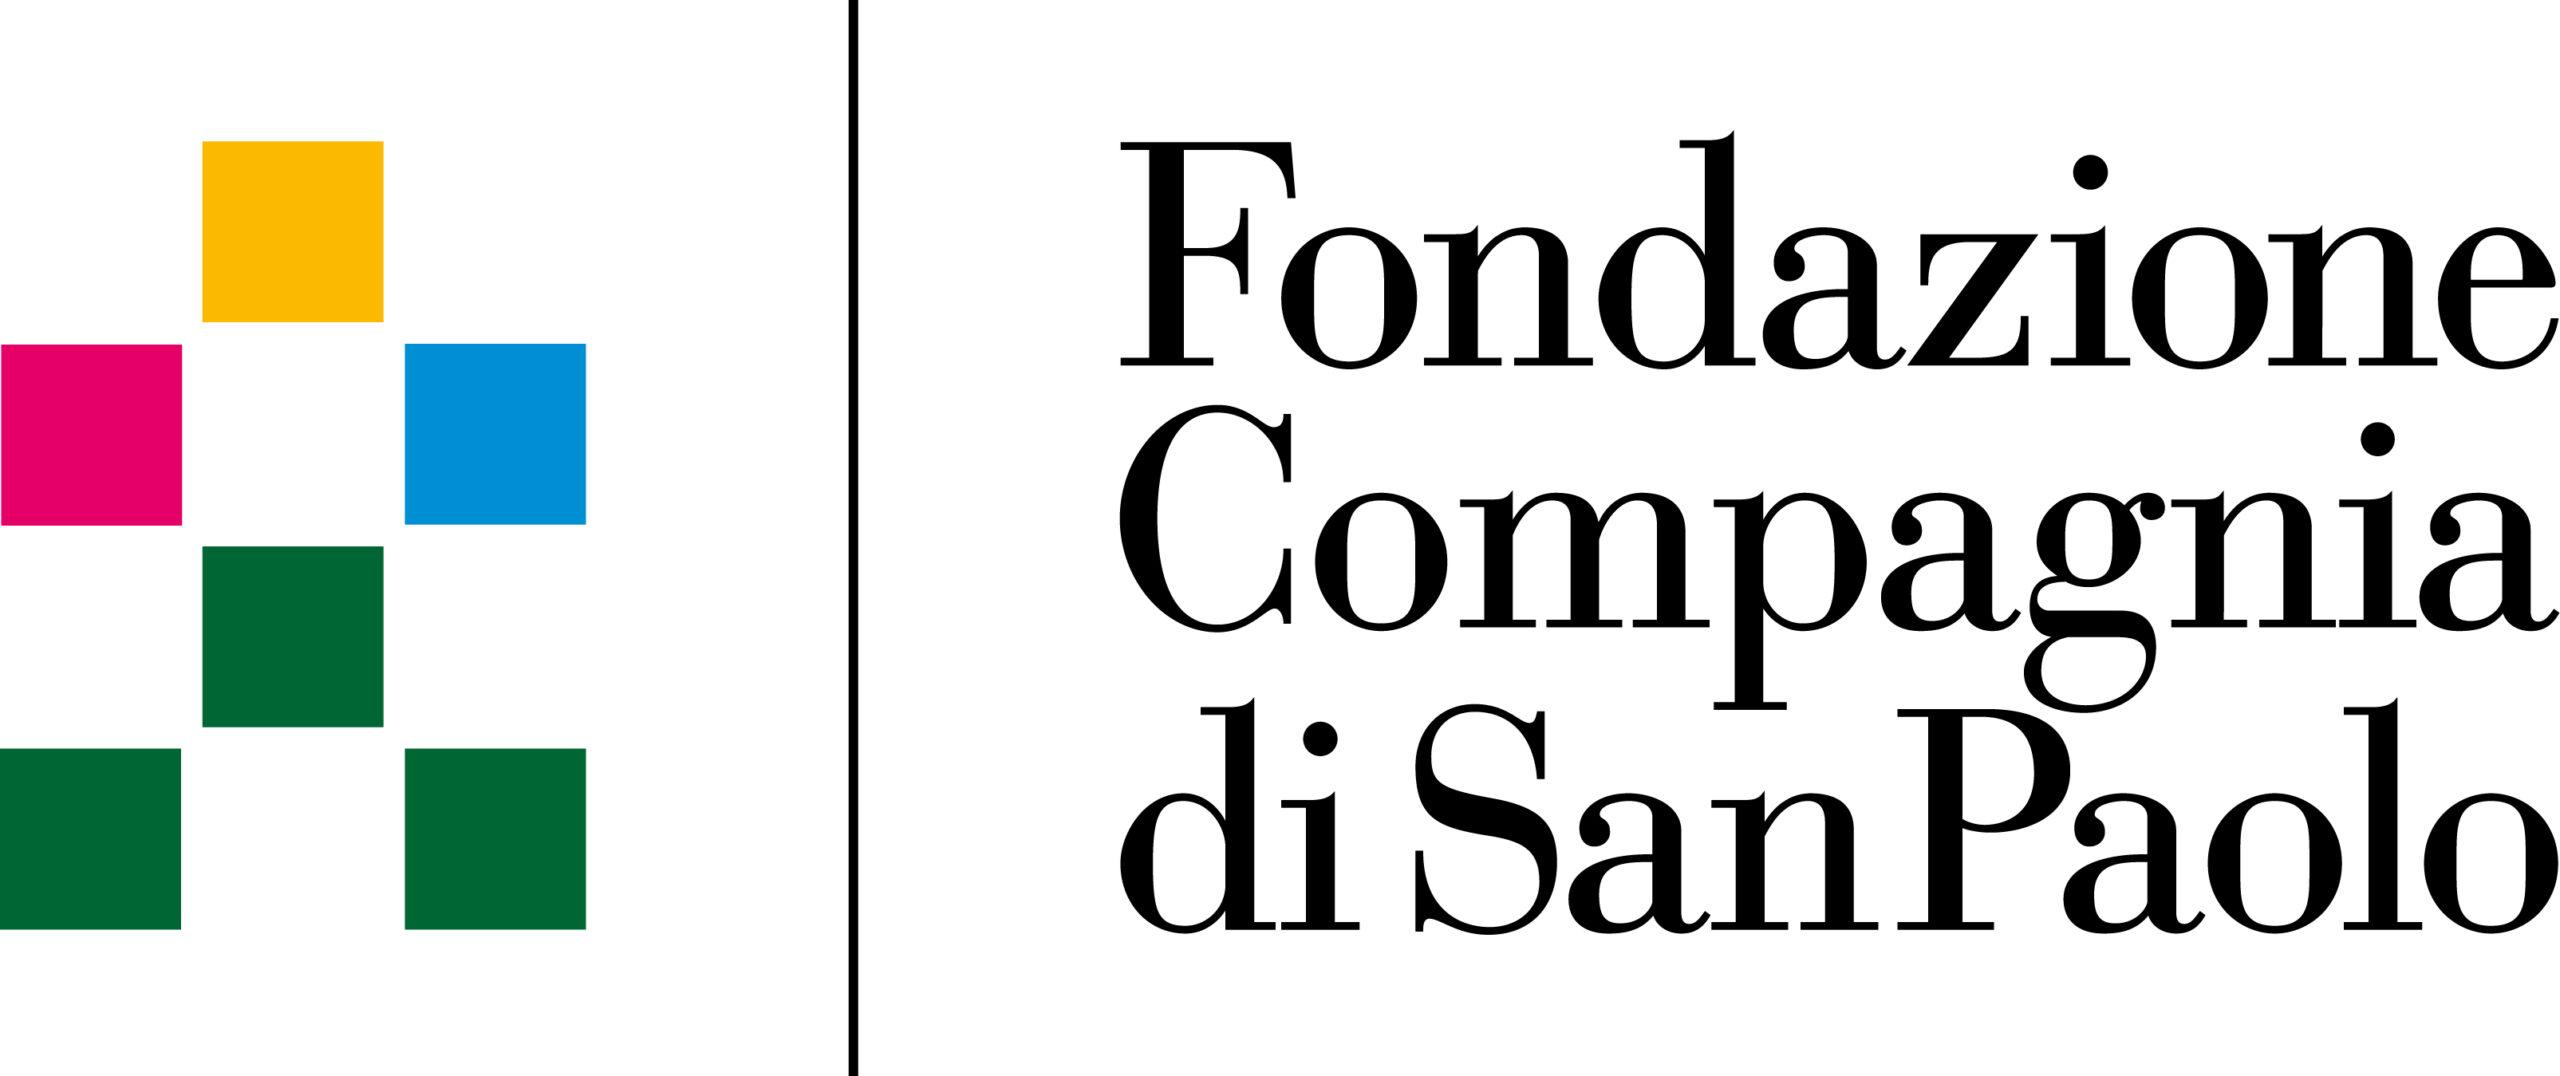 Fondazione Cpmpagnia di San Paolo